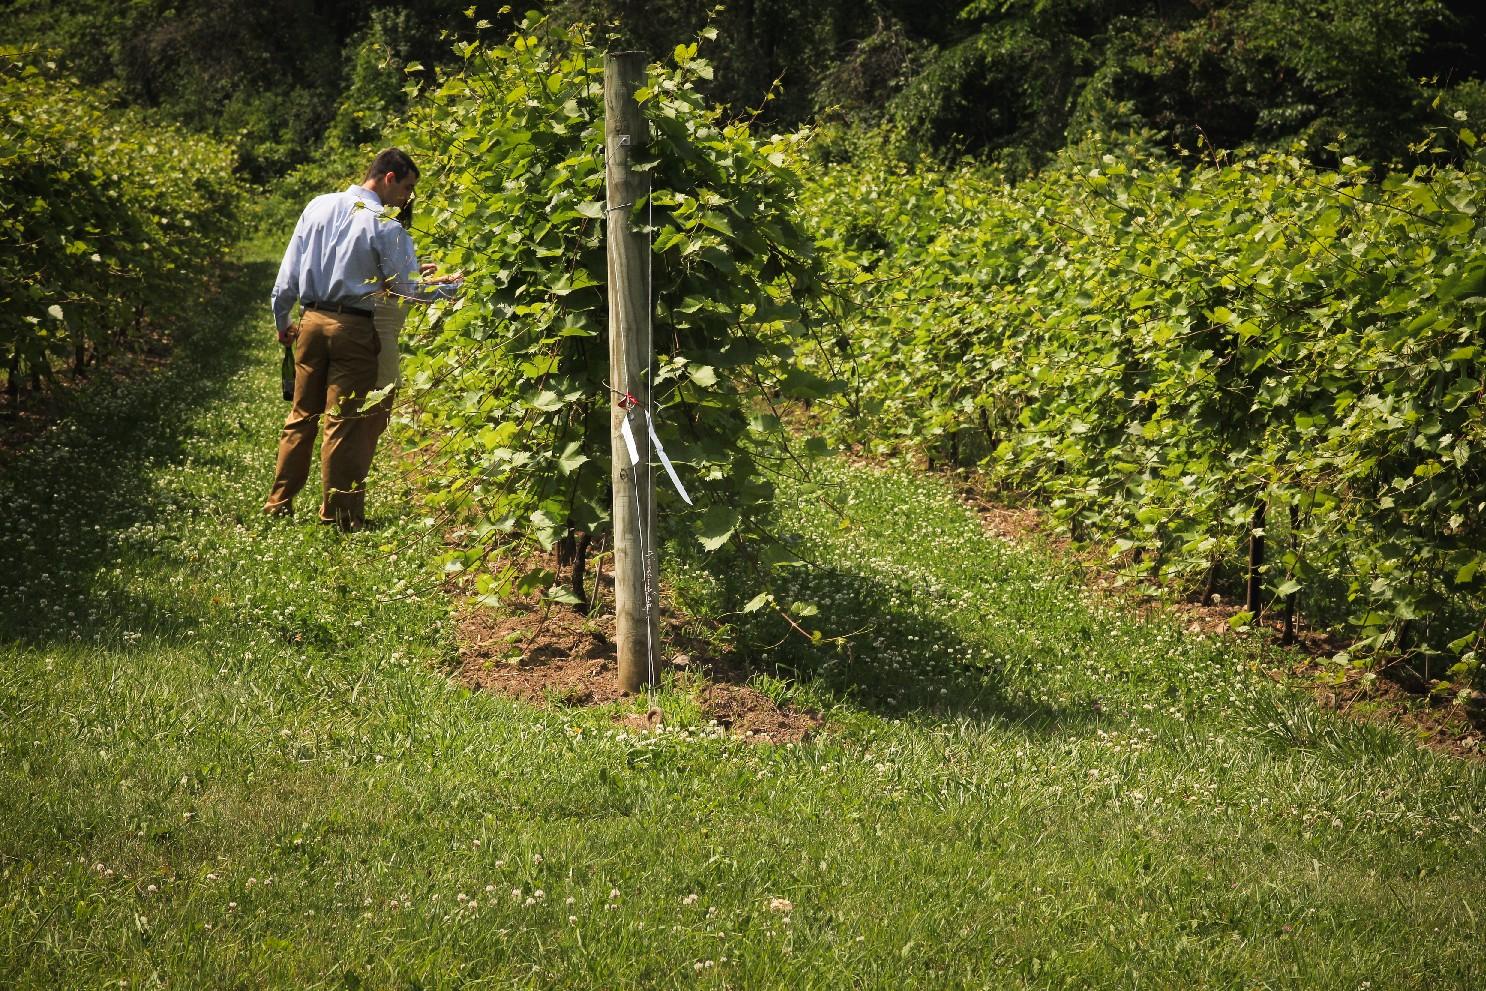 man walking through grapevines.jpg